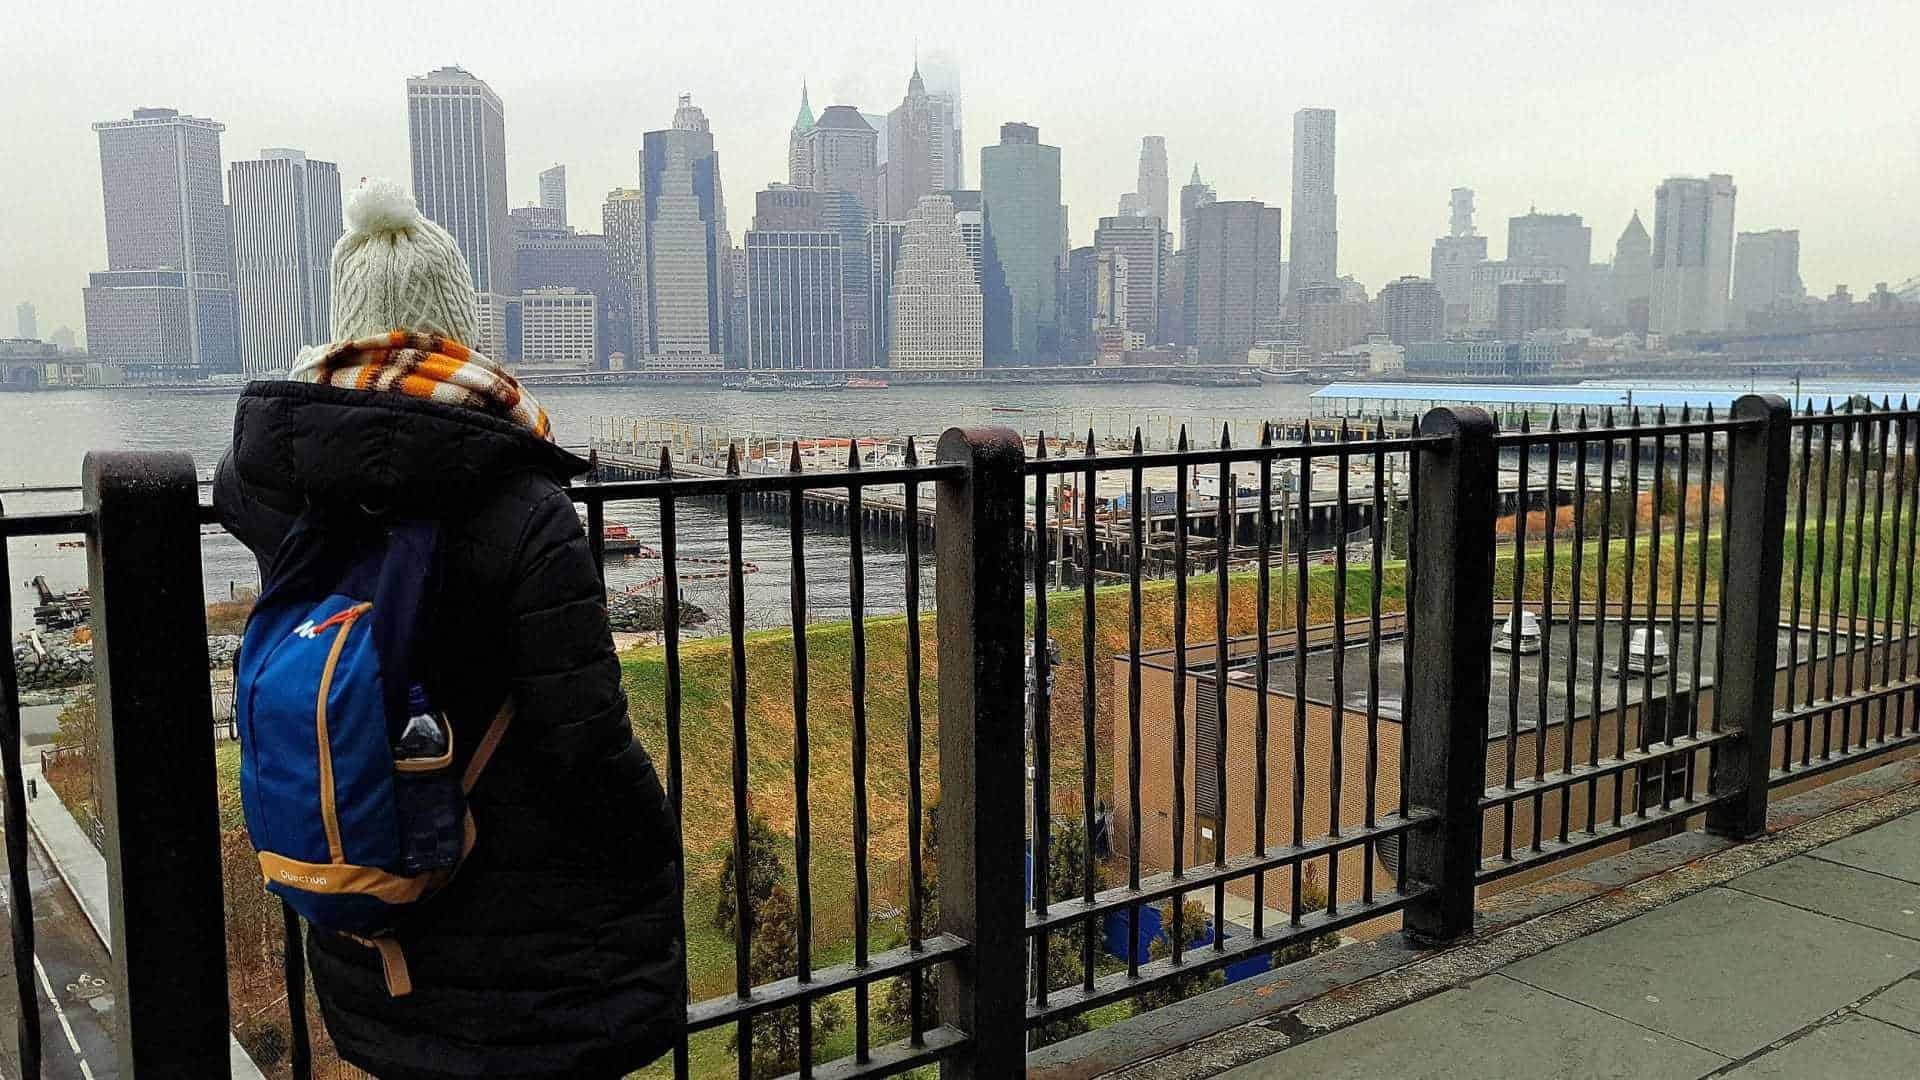 Cosa vedere a Brooklyn in un giorno: itinerario a piedi tra Brooklyn Heights e DUMBO